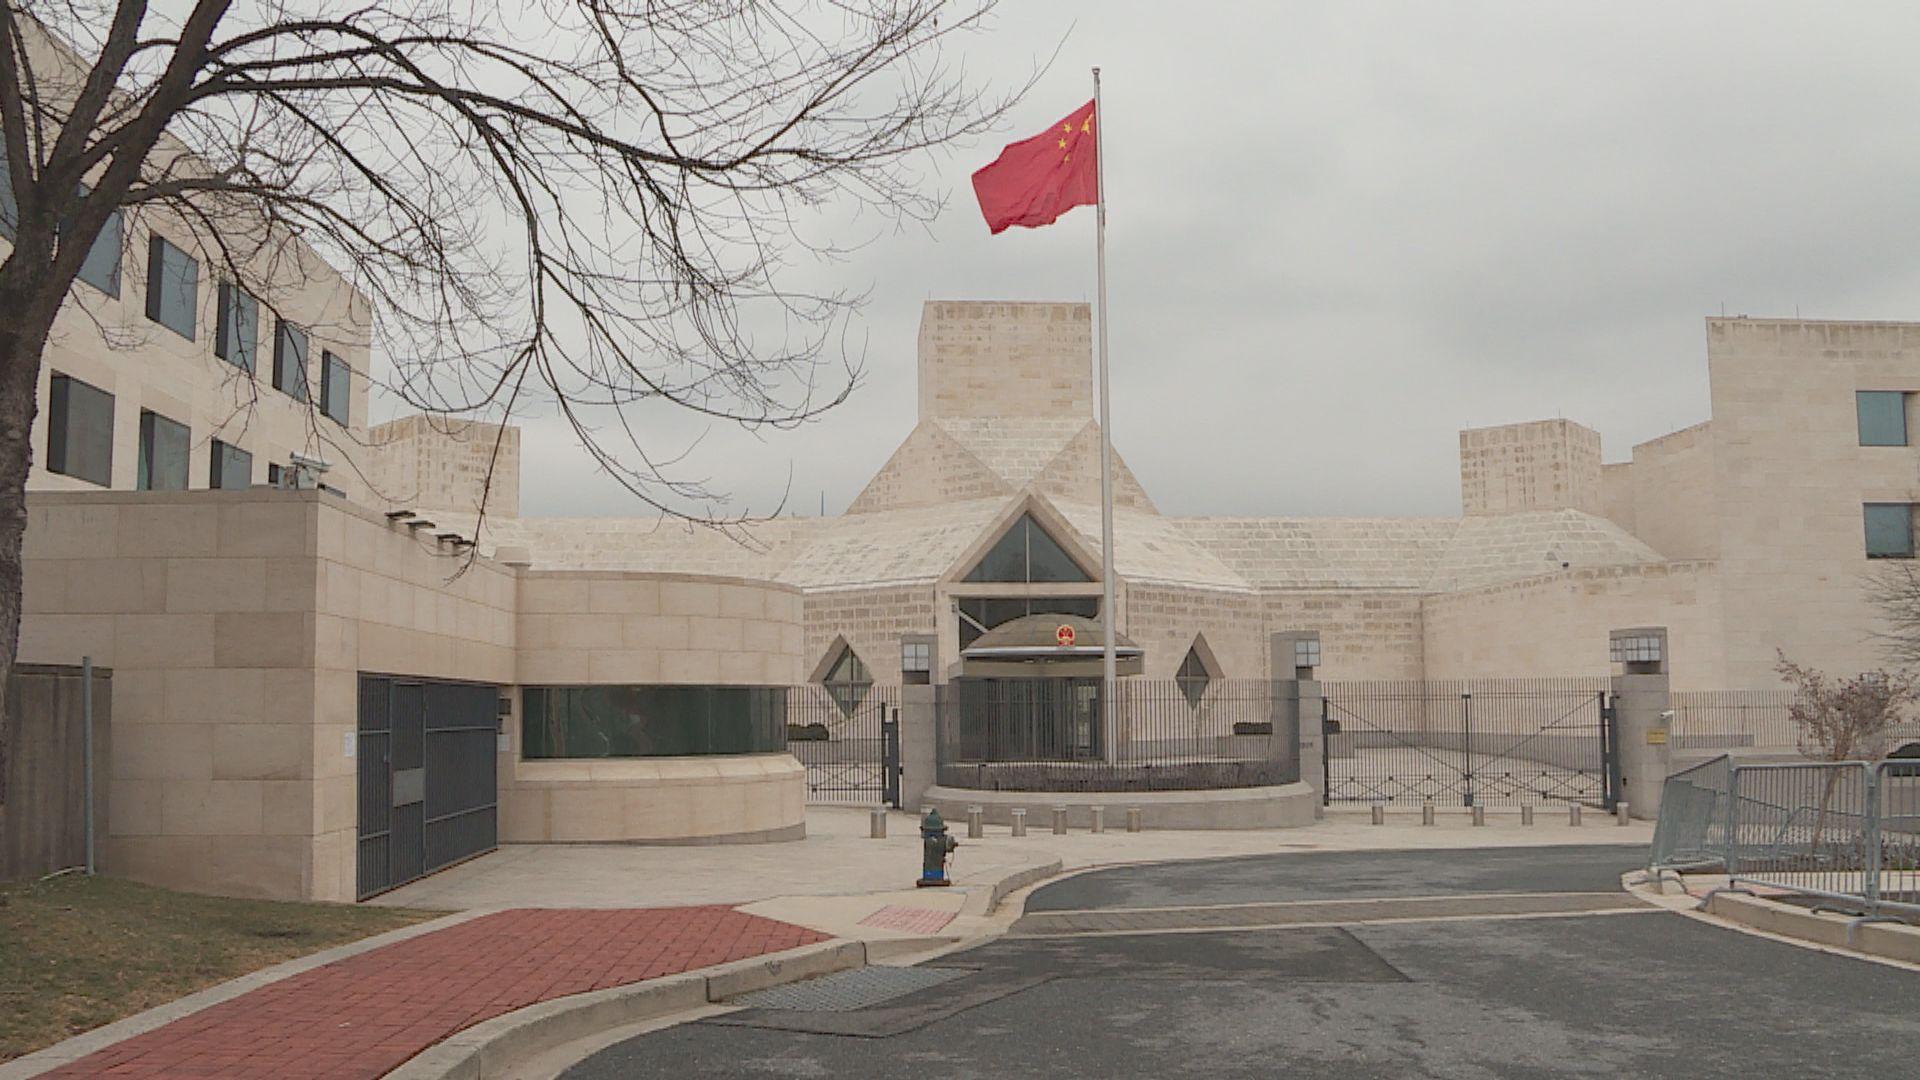 蓬佩奧:中國外交人員在美國部分活動需獲批准